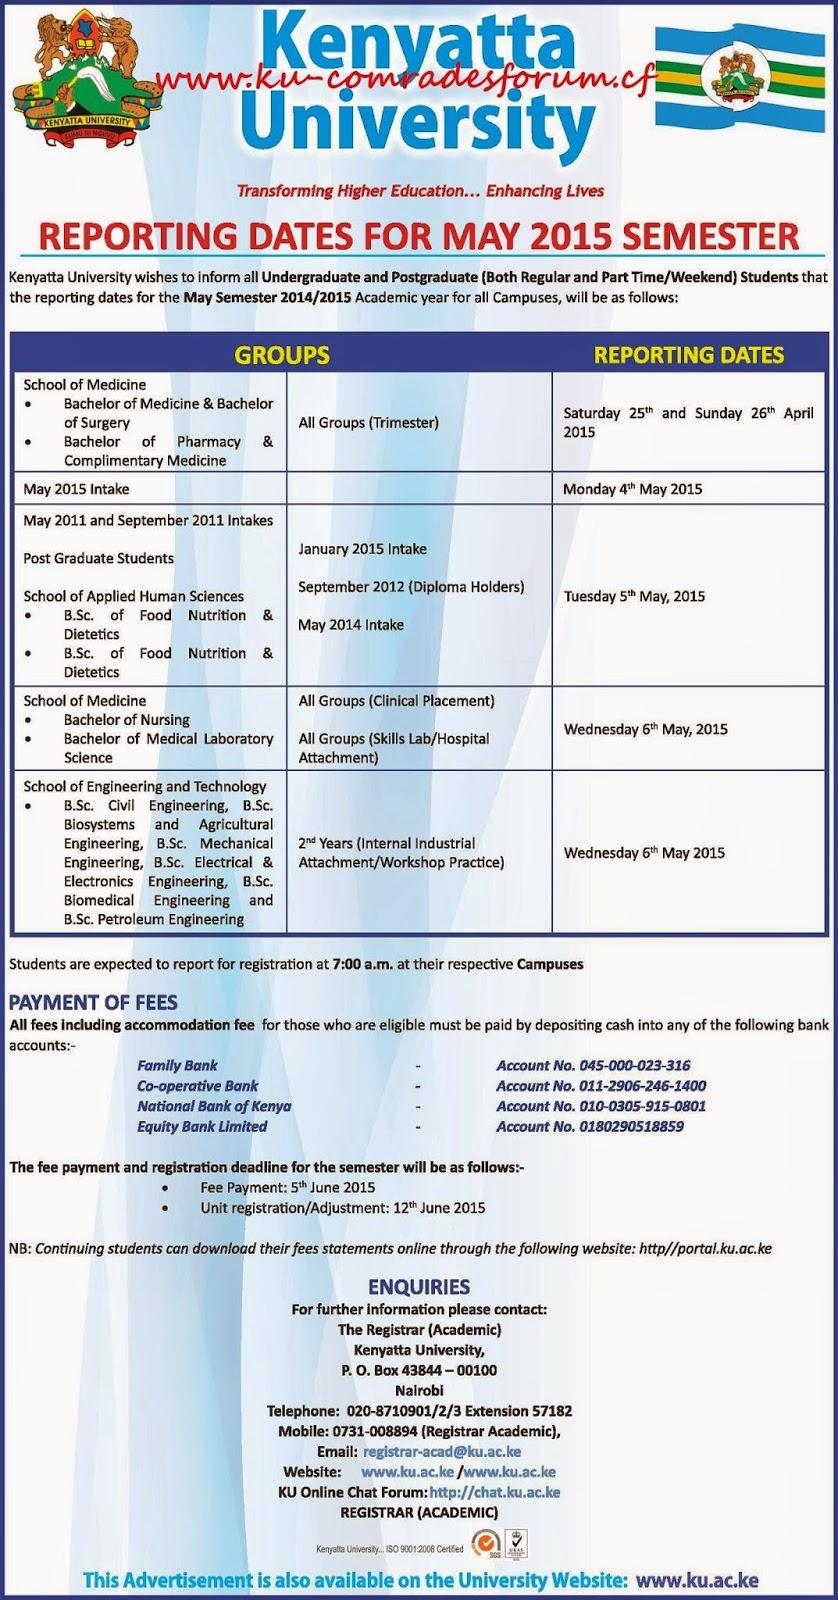 Kenyatta University Room Application